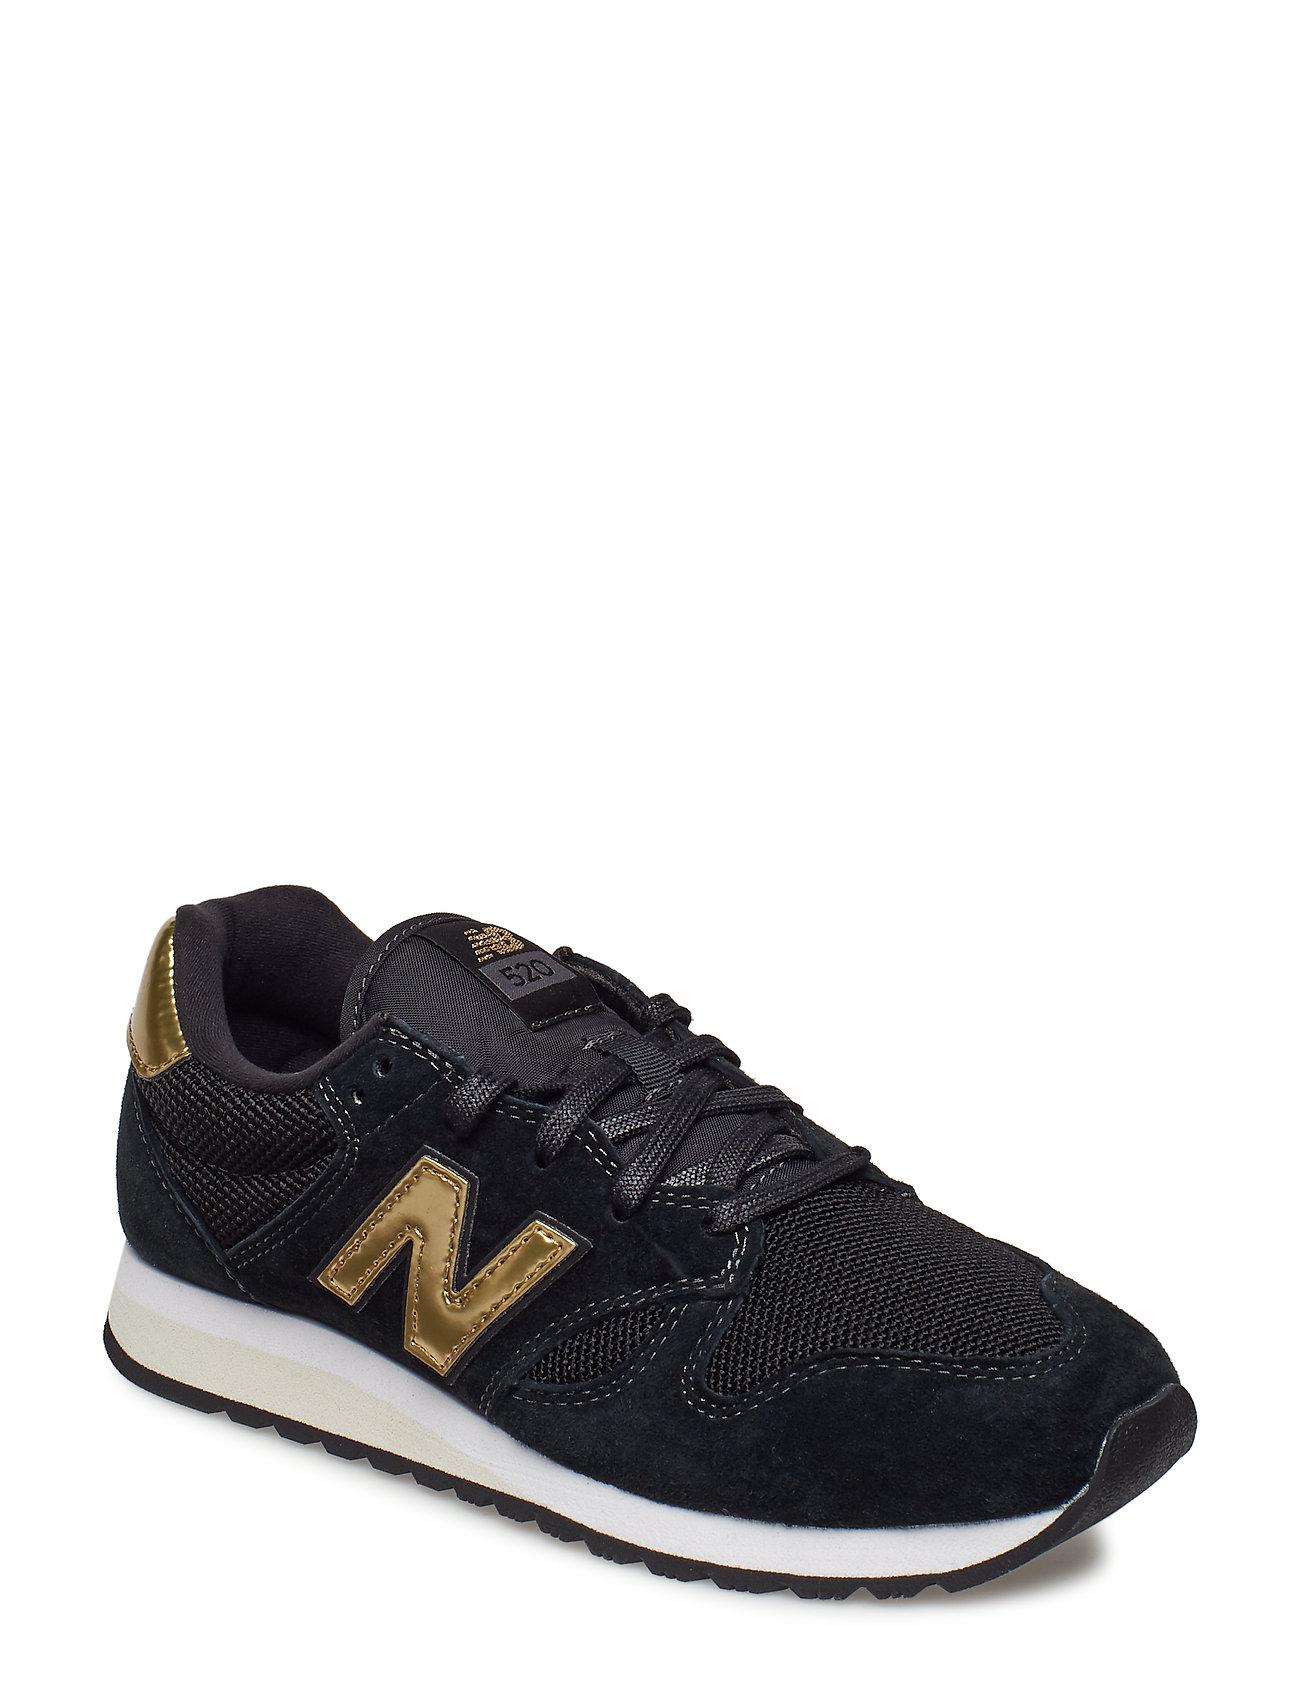 293031ce716b Køb Børne sneakers online til meget lav pris!